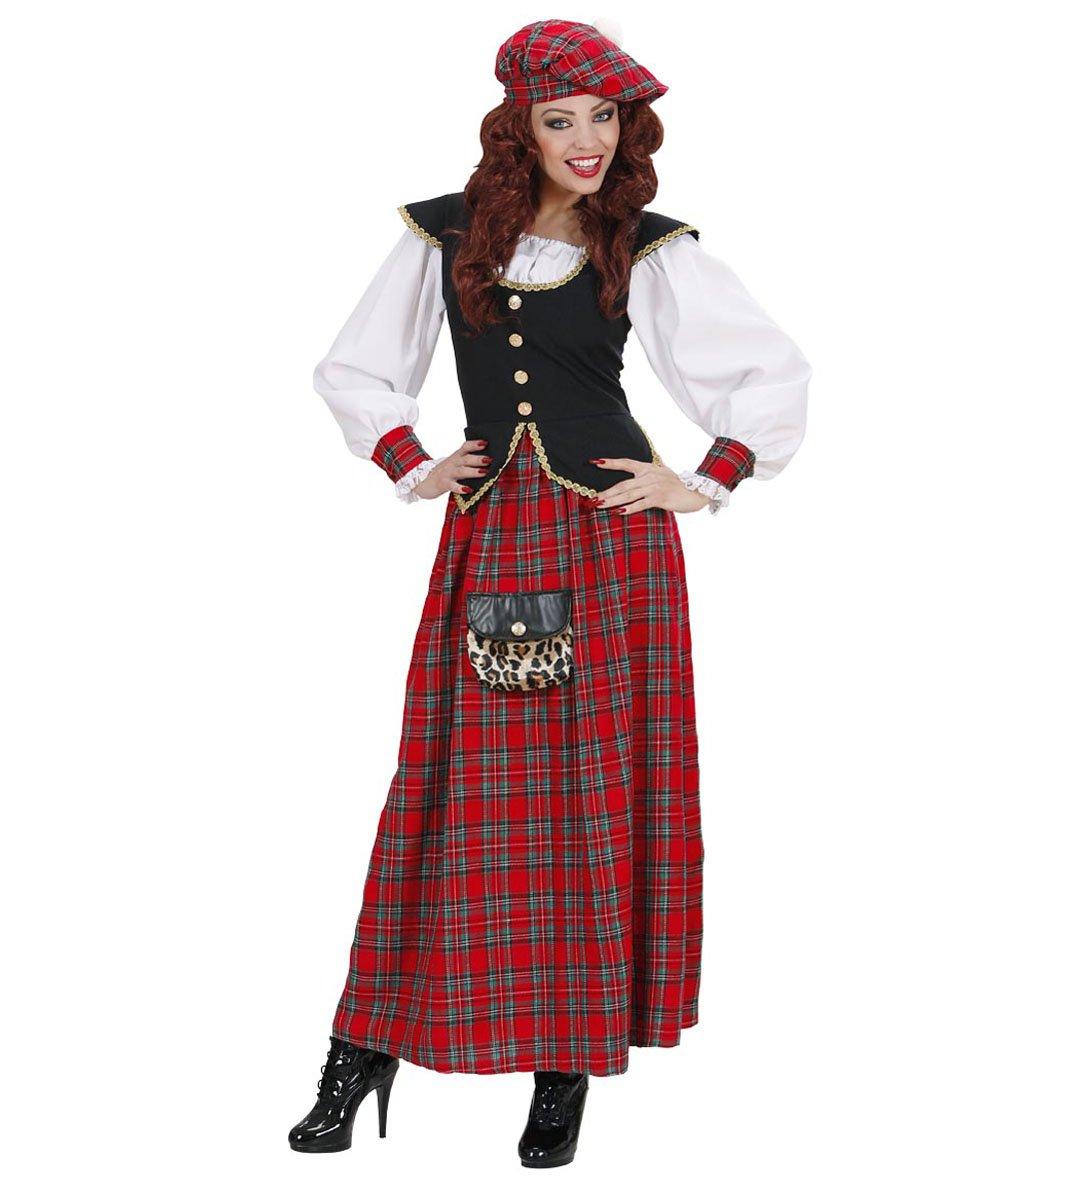 Widmann Kostüm Karneval Damen Kleid Schottenmuster  22898, Mehrfarbig XL